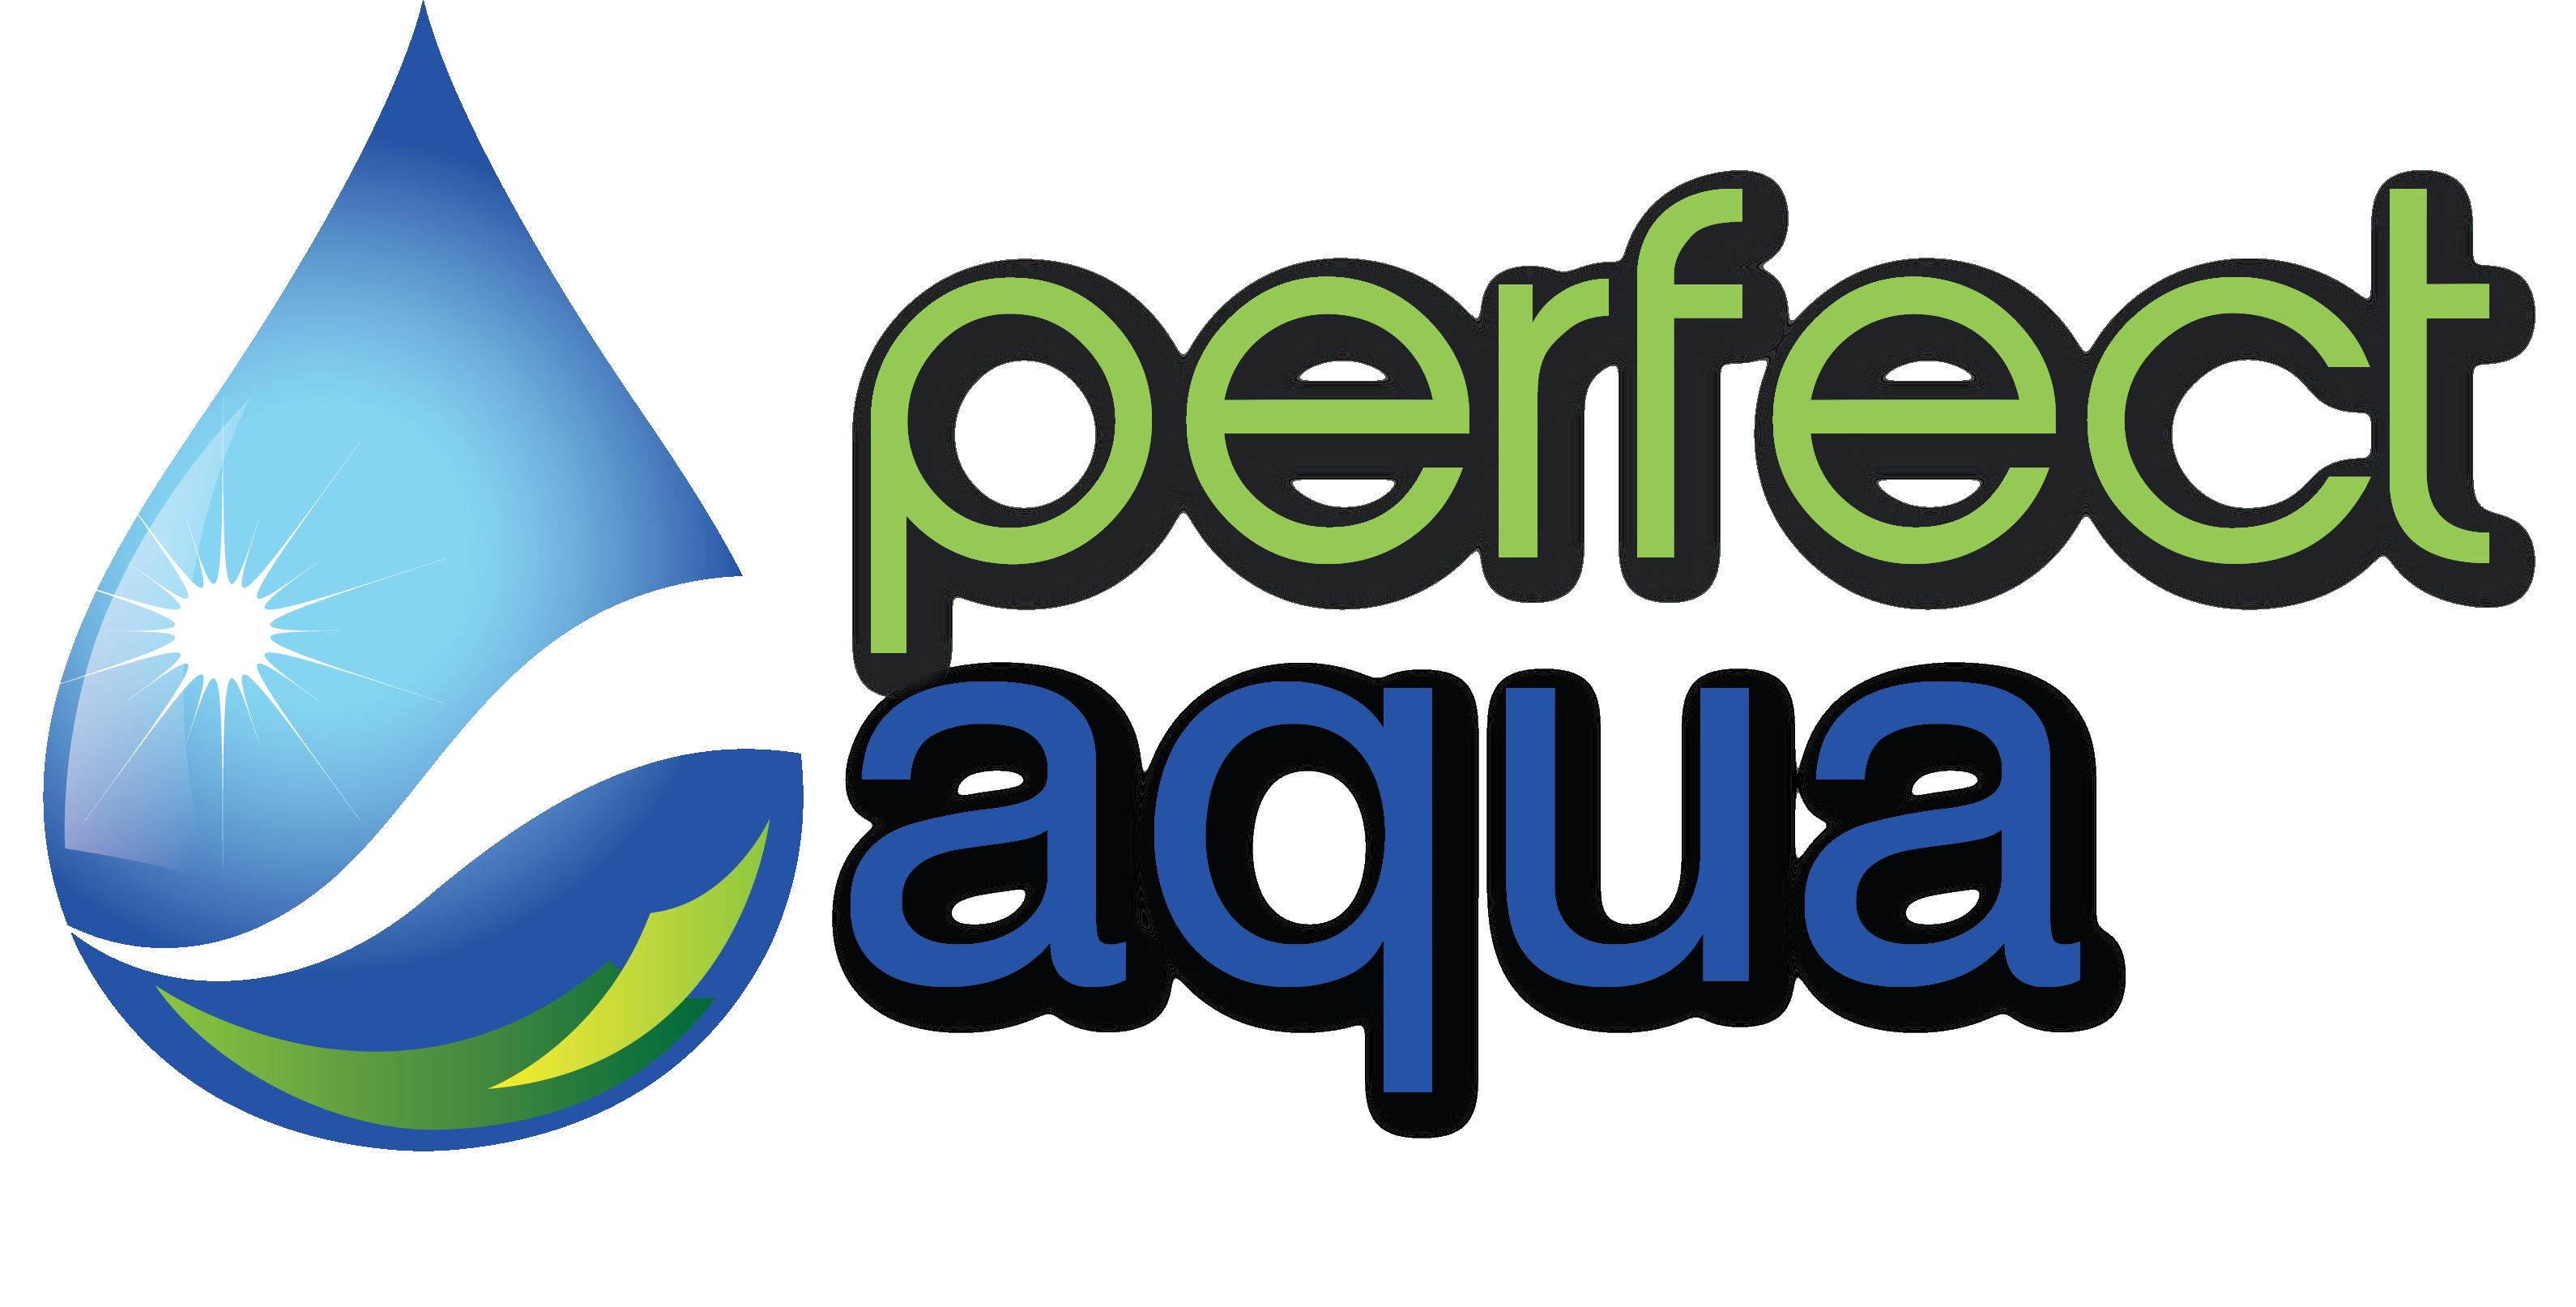 prefect aqua v2.png